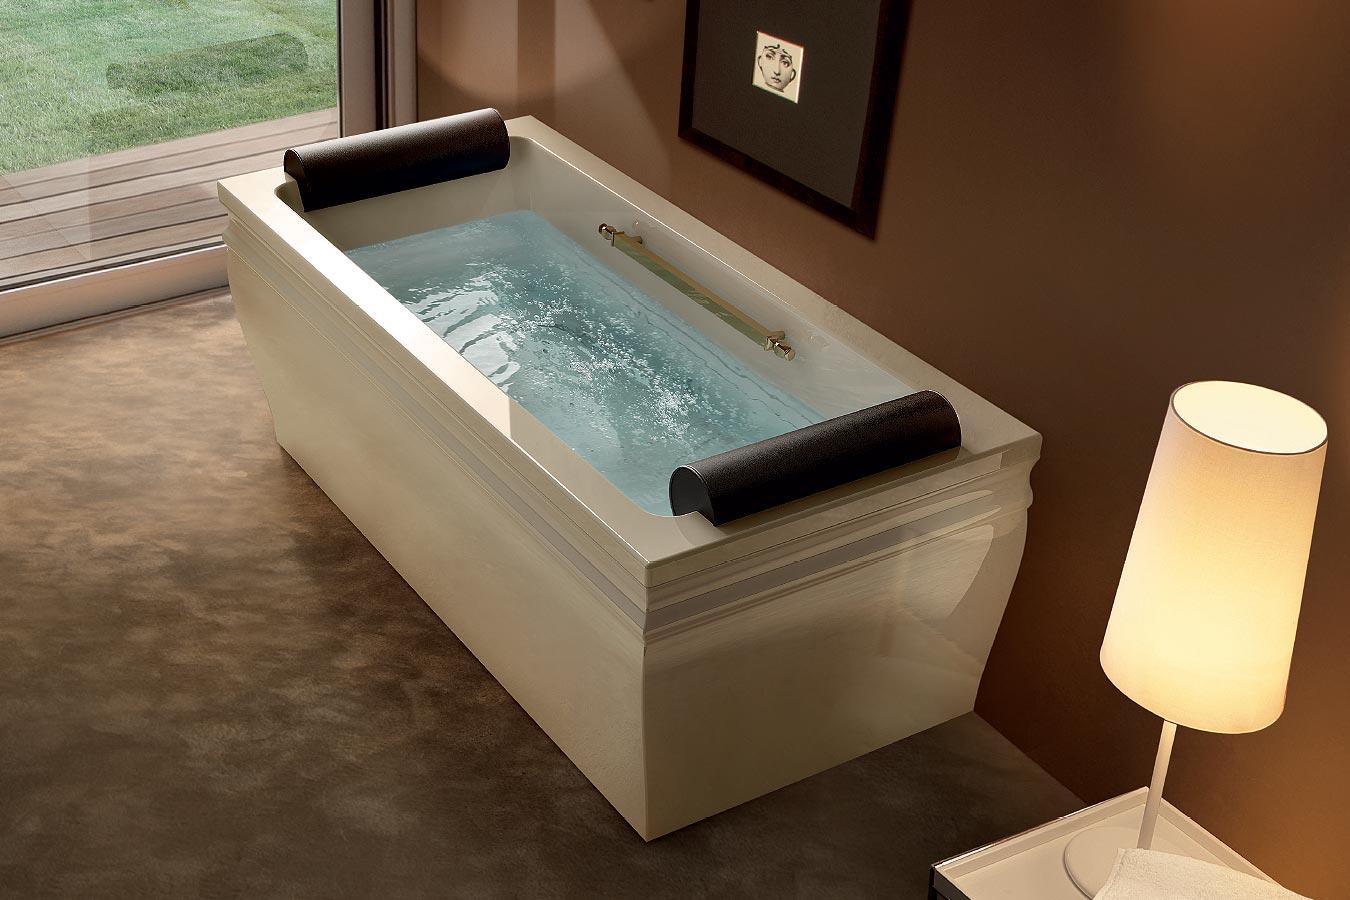 Vasca Da Bagno Dimensioni Standard : Vasca bagno dimensioni affordable misure vasche da bagno piccole